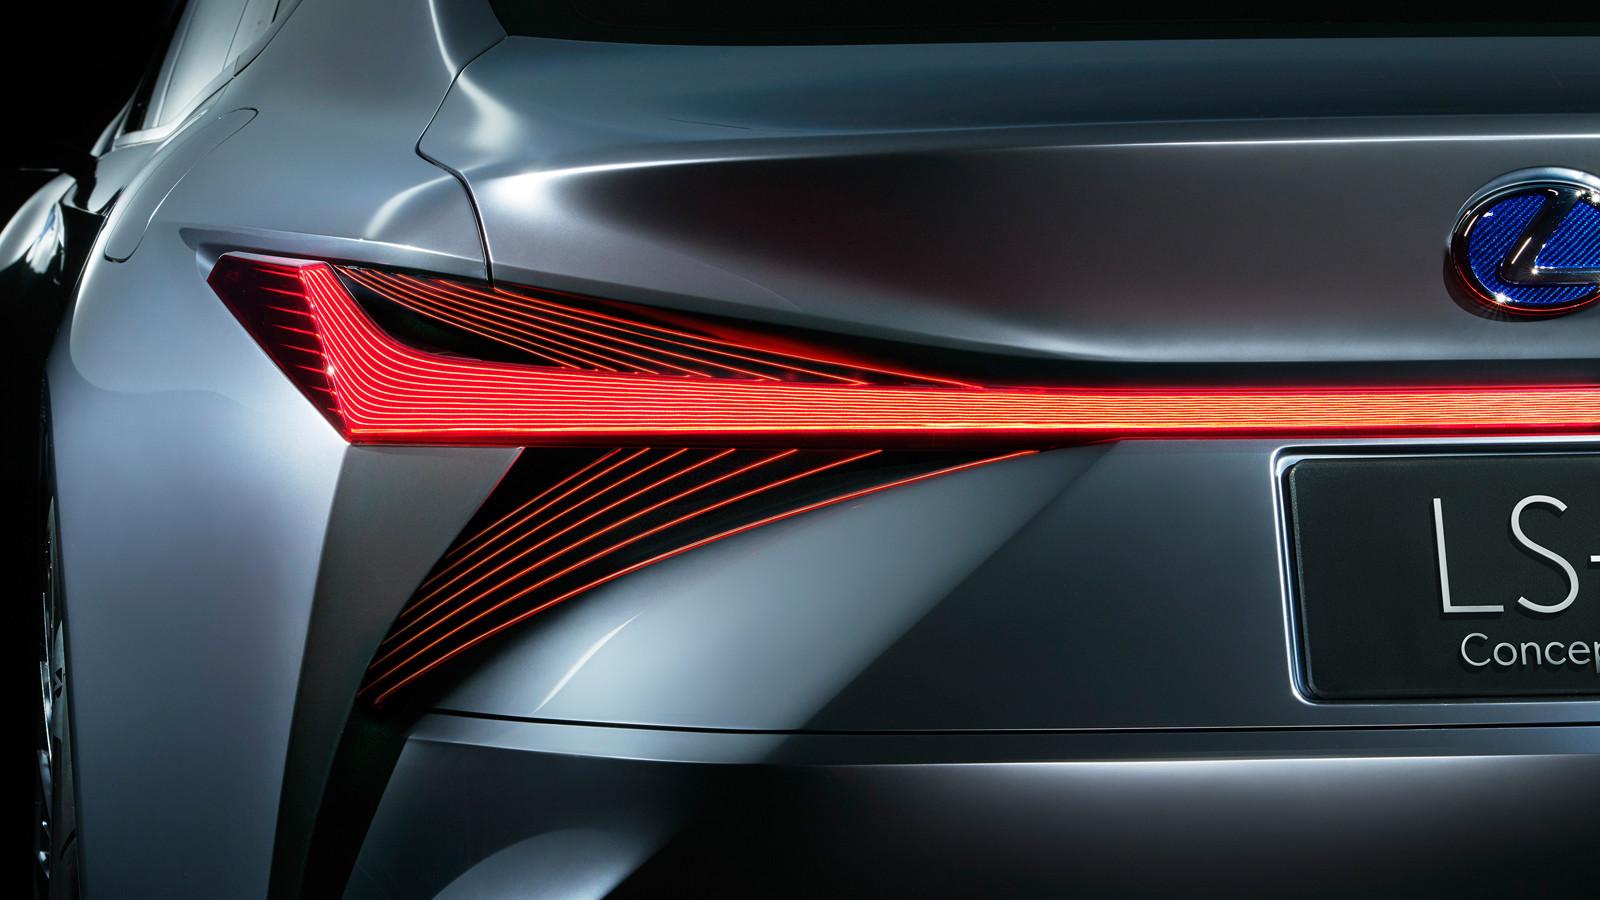 Отметим, у актуальной версии Lexus LS автопилота нет (даже в усечённом виде). В оснащение входят ада